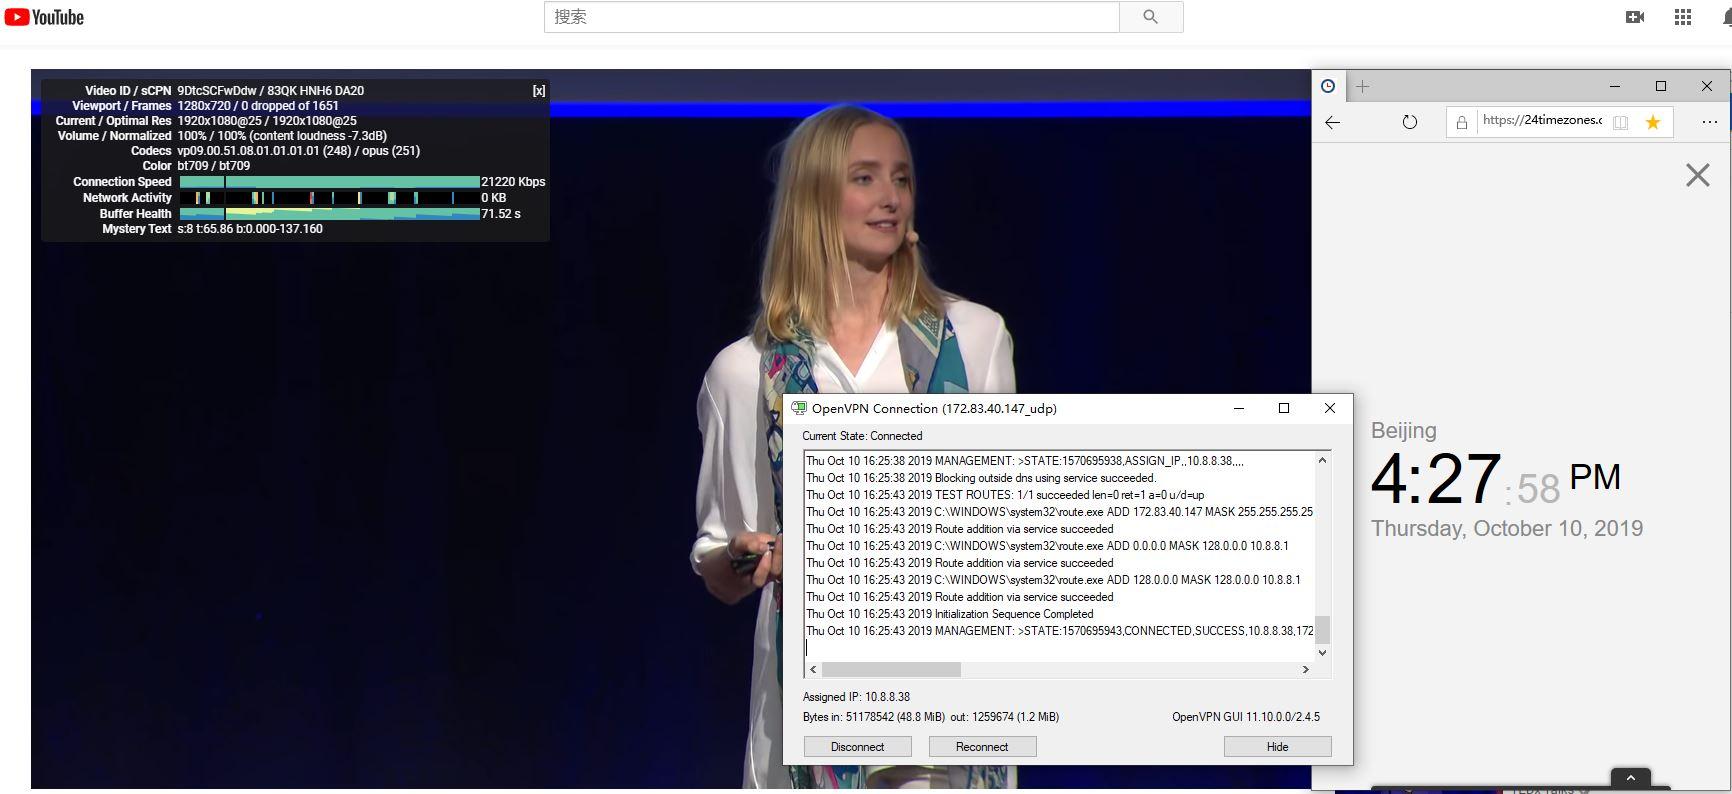 Windows SurfsharkVPN OPEN VPN GUI 172-UDP 中国VPN翻墙 科学上网 Youtube测速-20191010